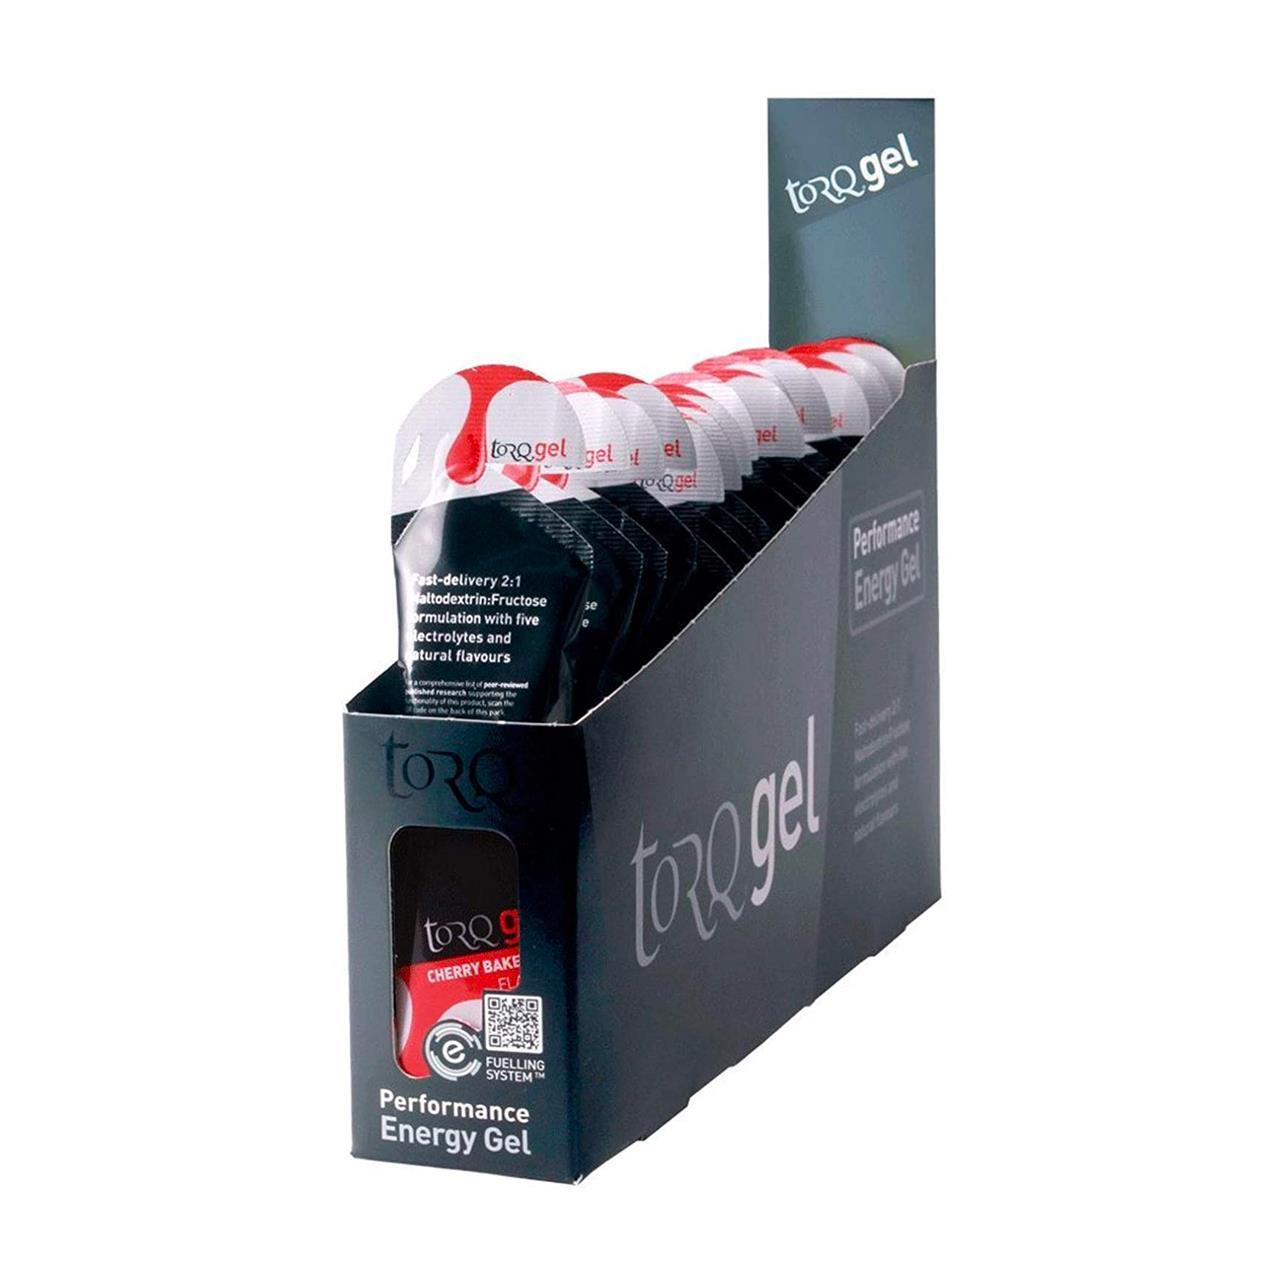 TORQ Energy 45g Gel, 15 Pack (Cherry Bakewell)